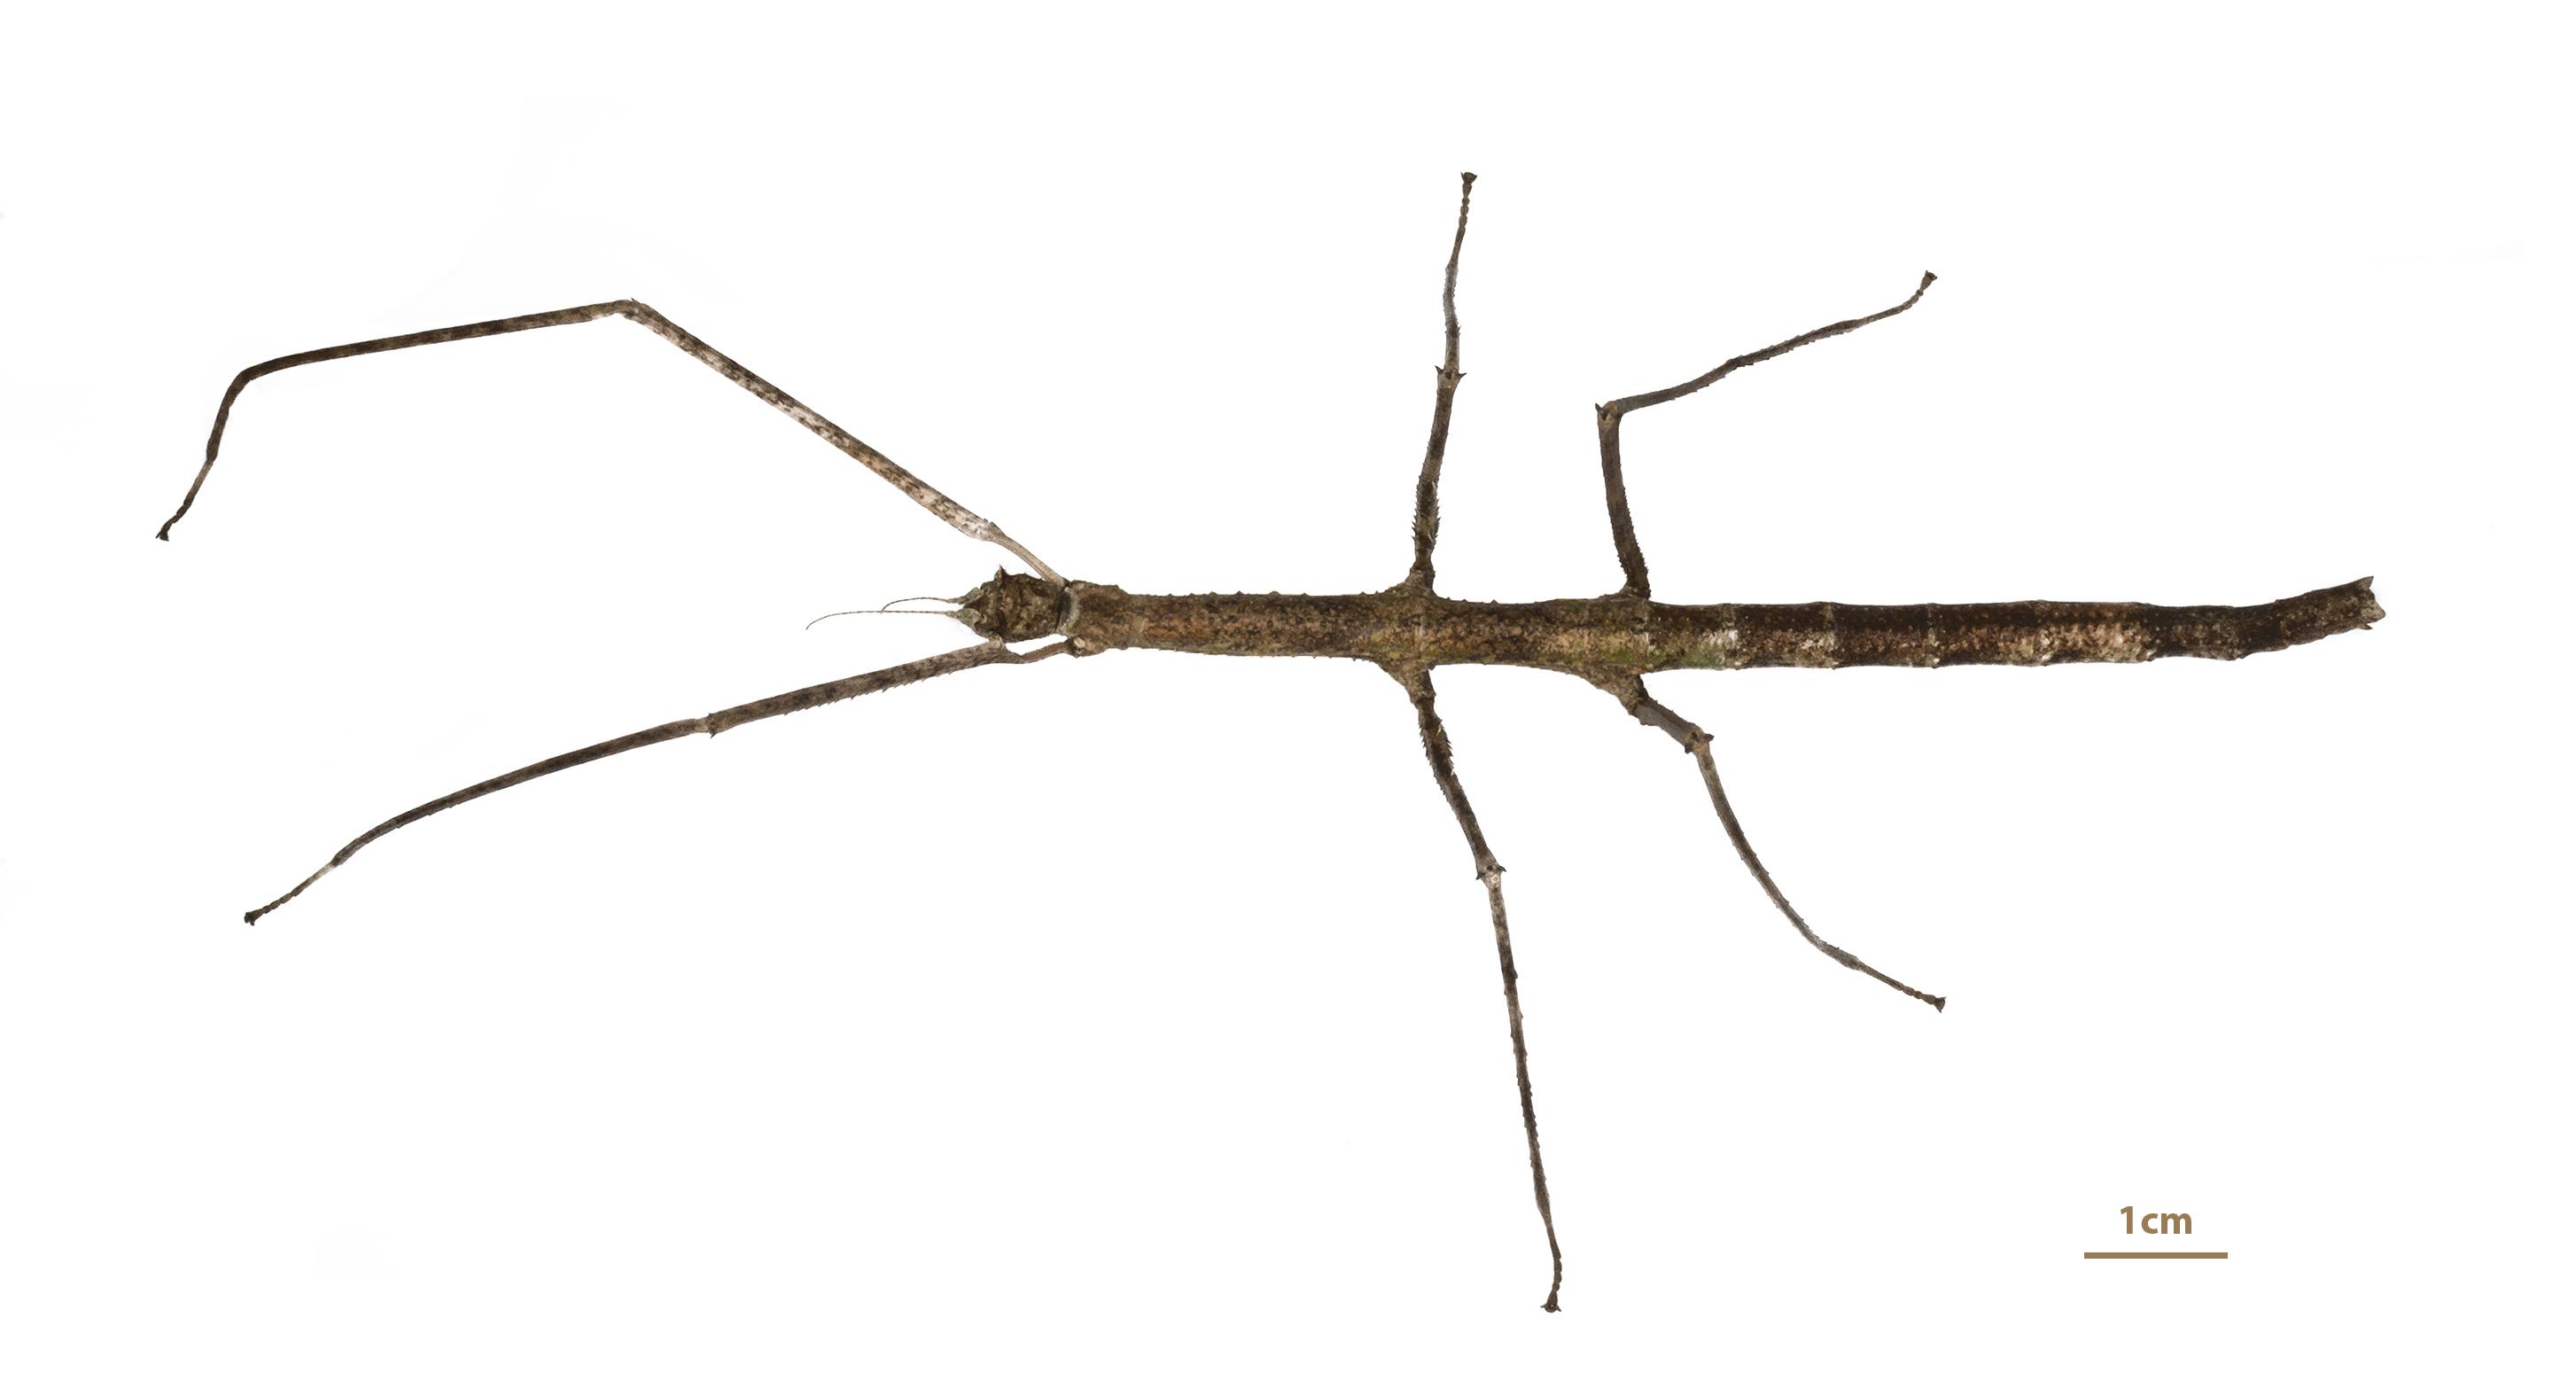 Medauroidea Extradentata Wikipedia